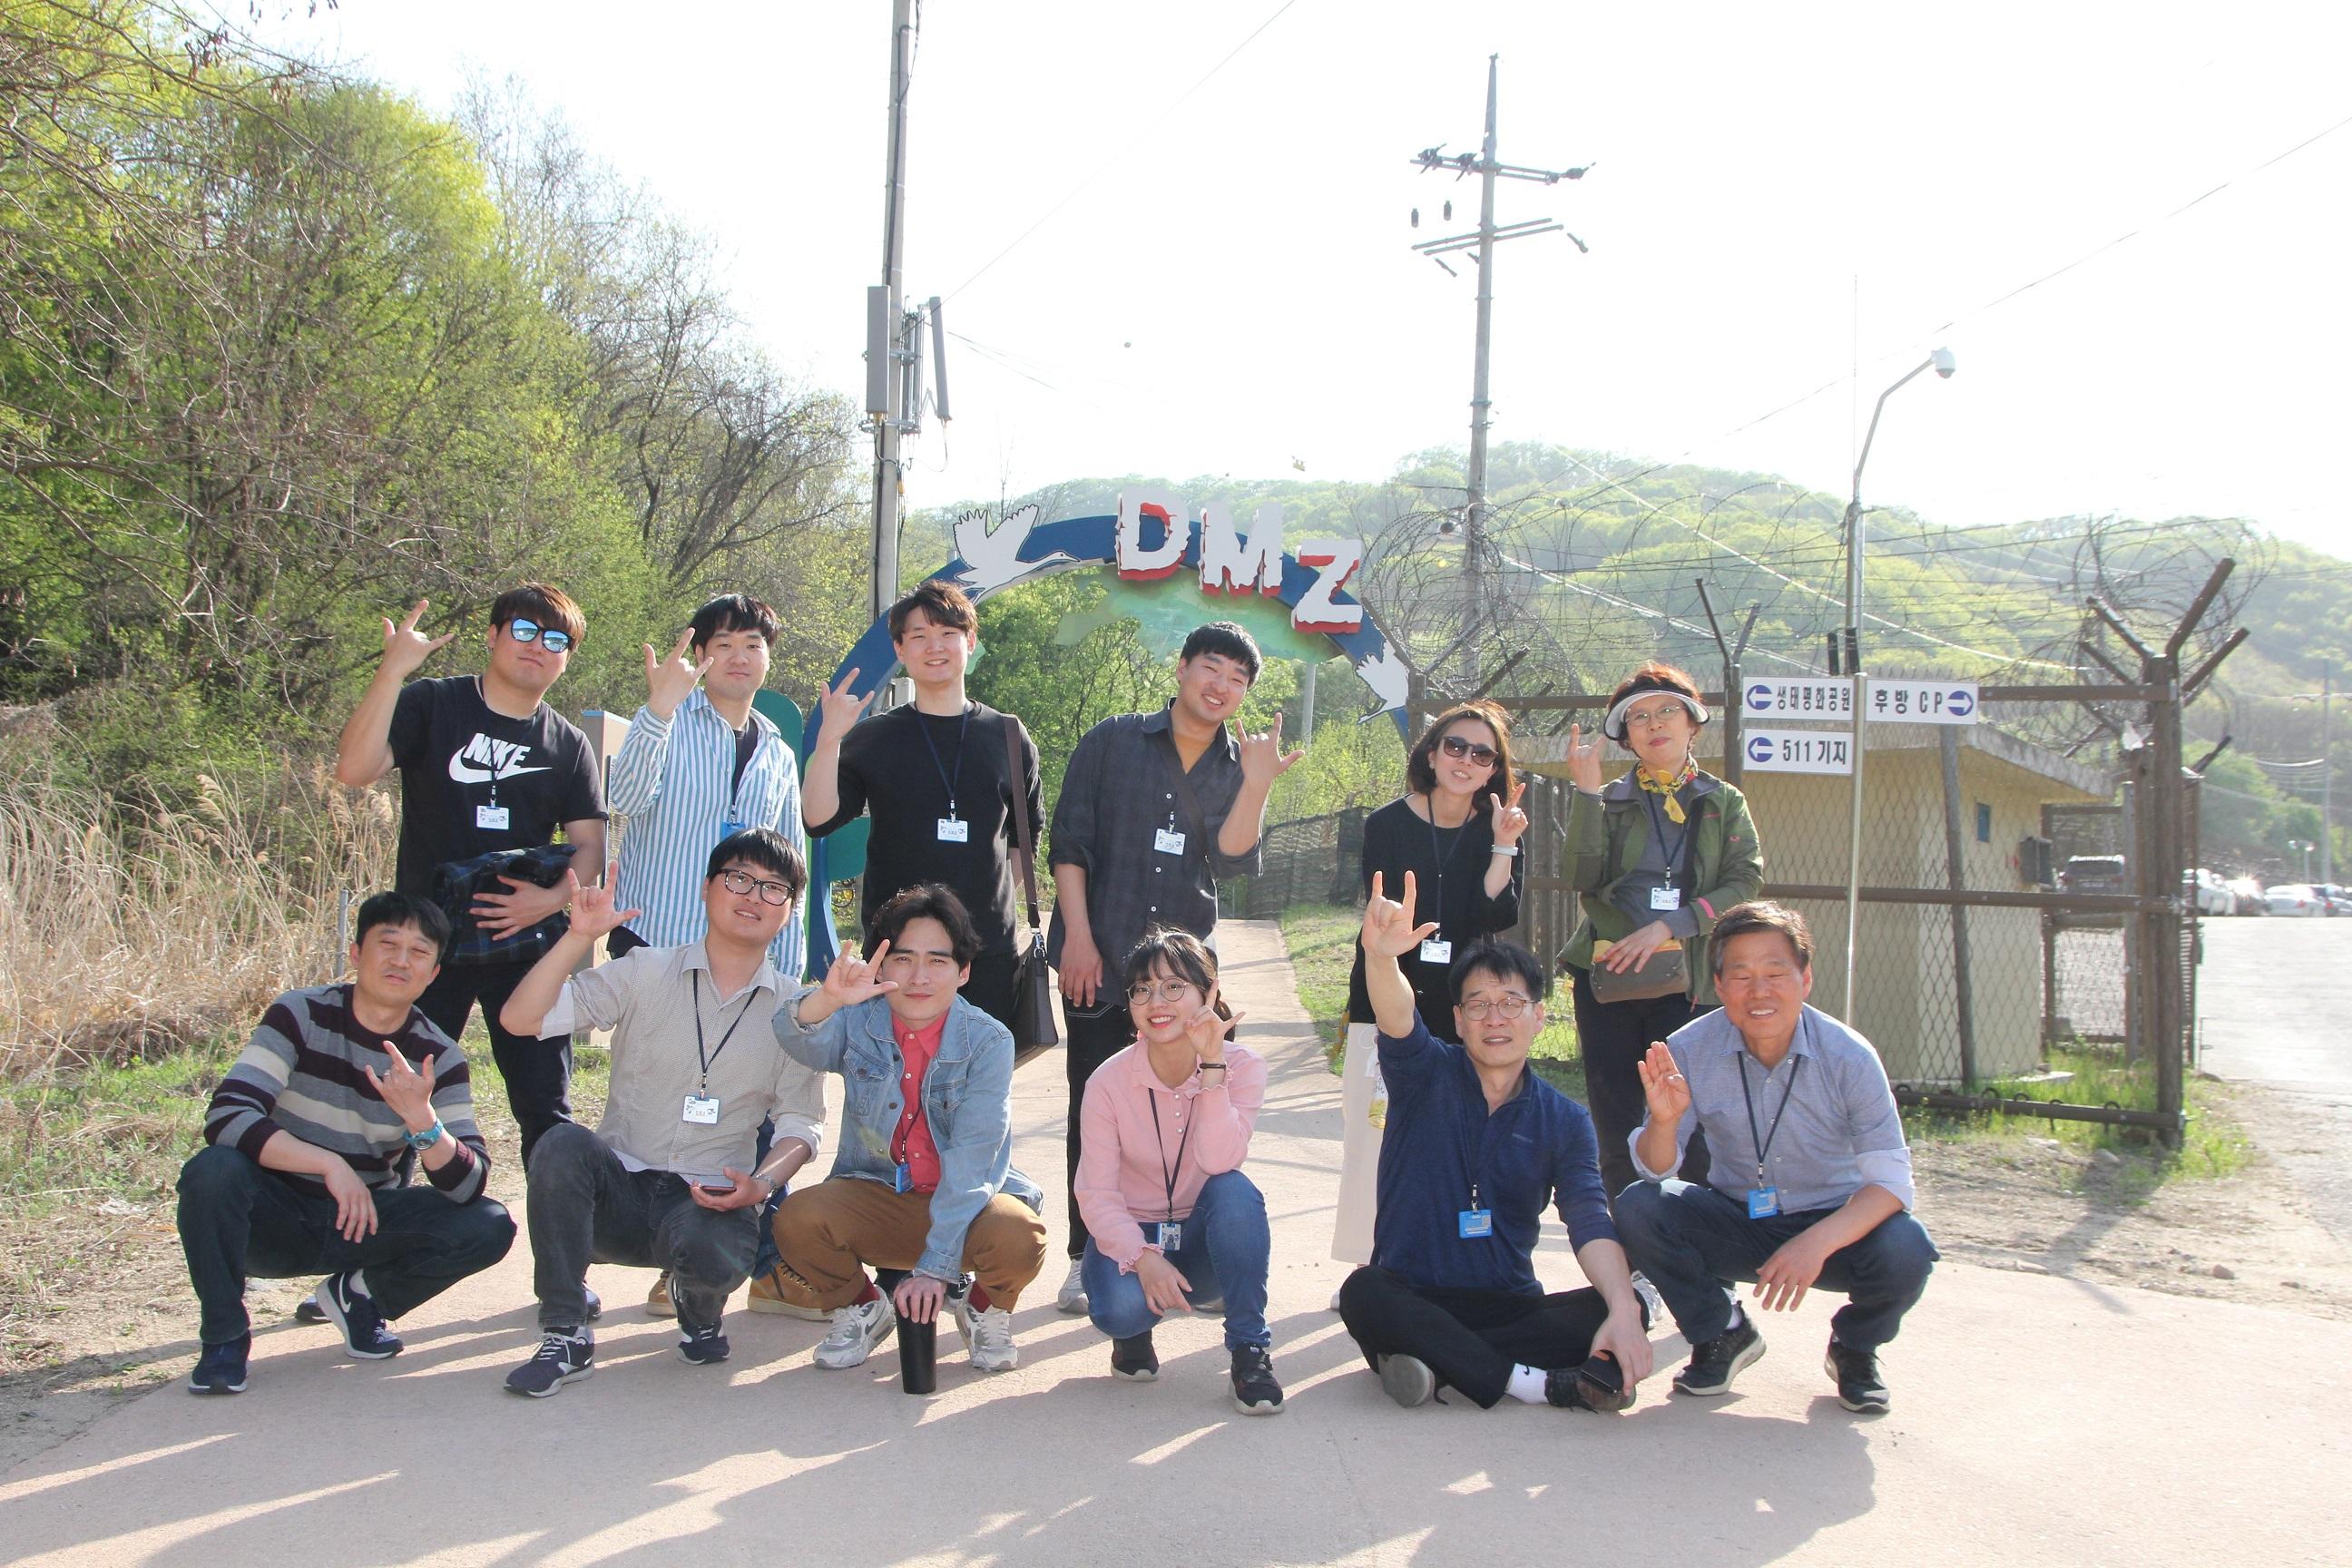 [일반] [5/1] 전문적 학습 공동체 dmz 생태평화공원 십자탑 탐방의 첨부이미지 3